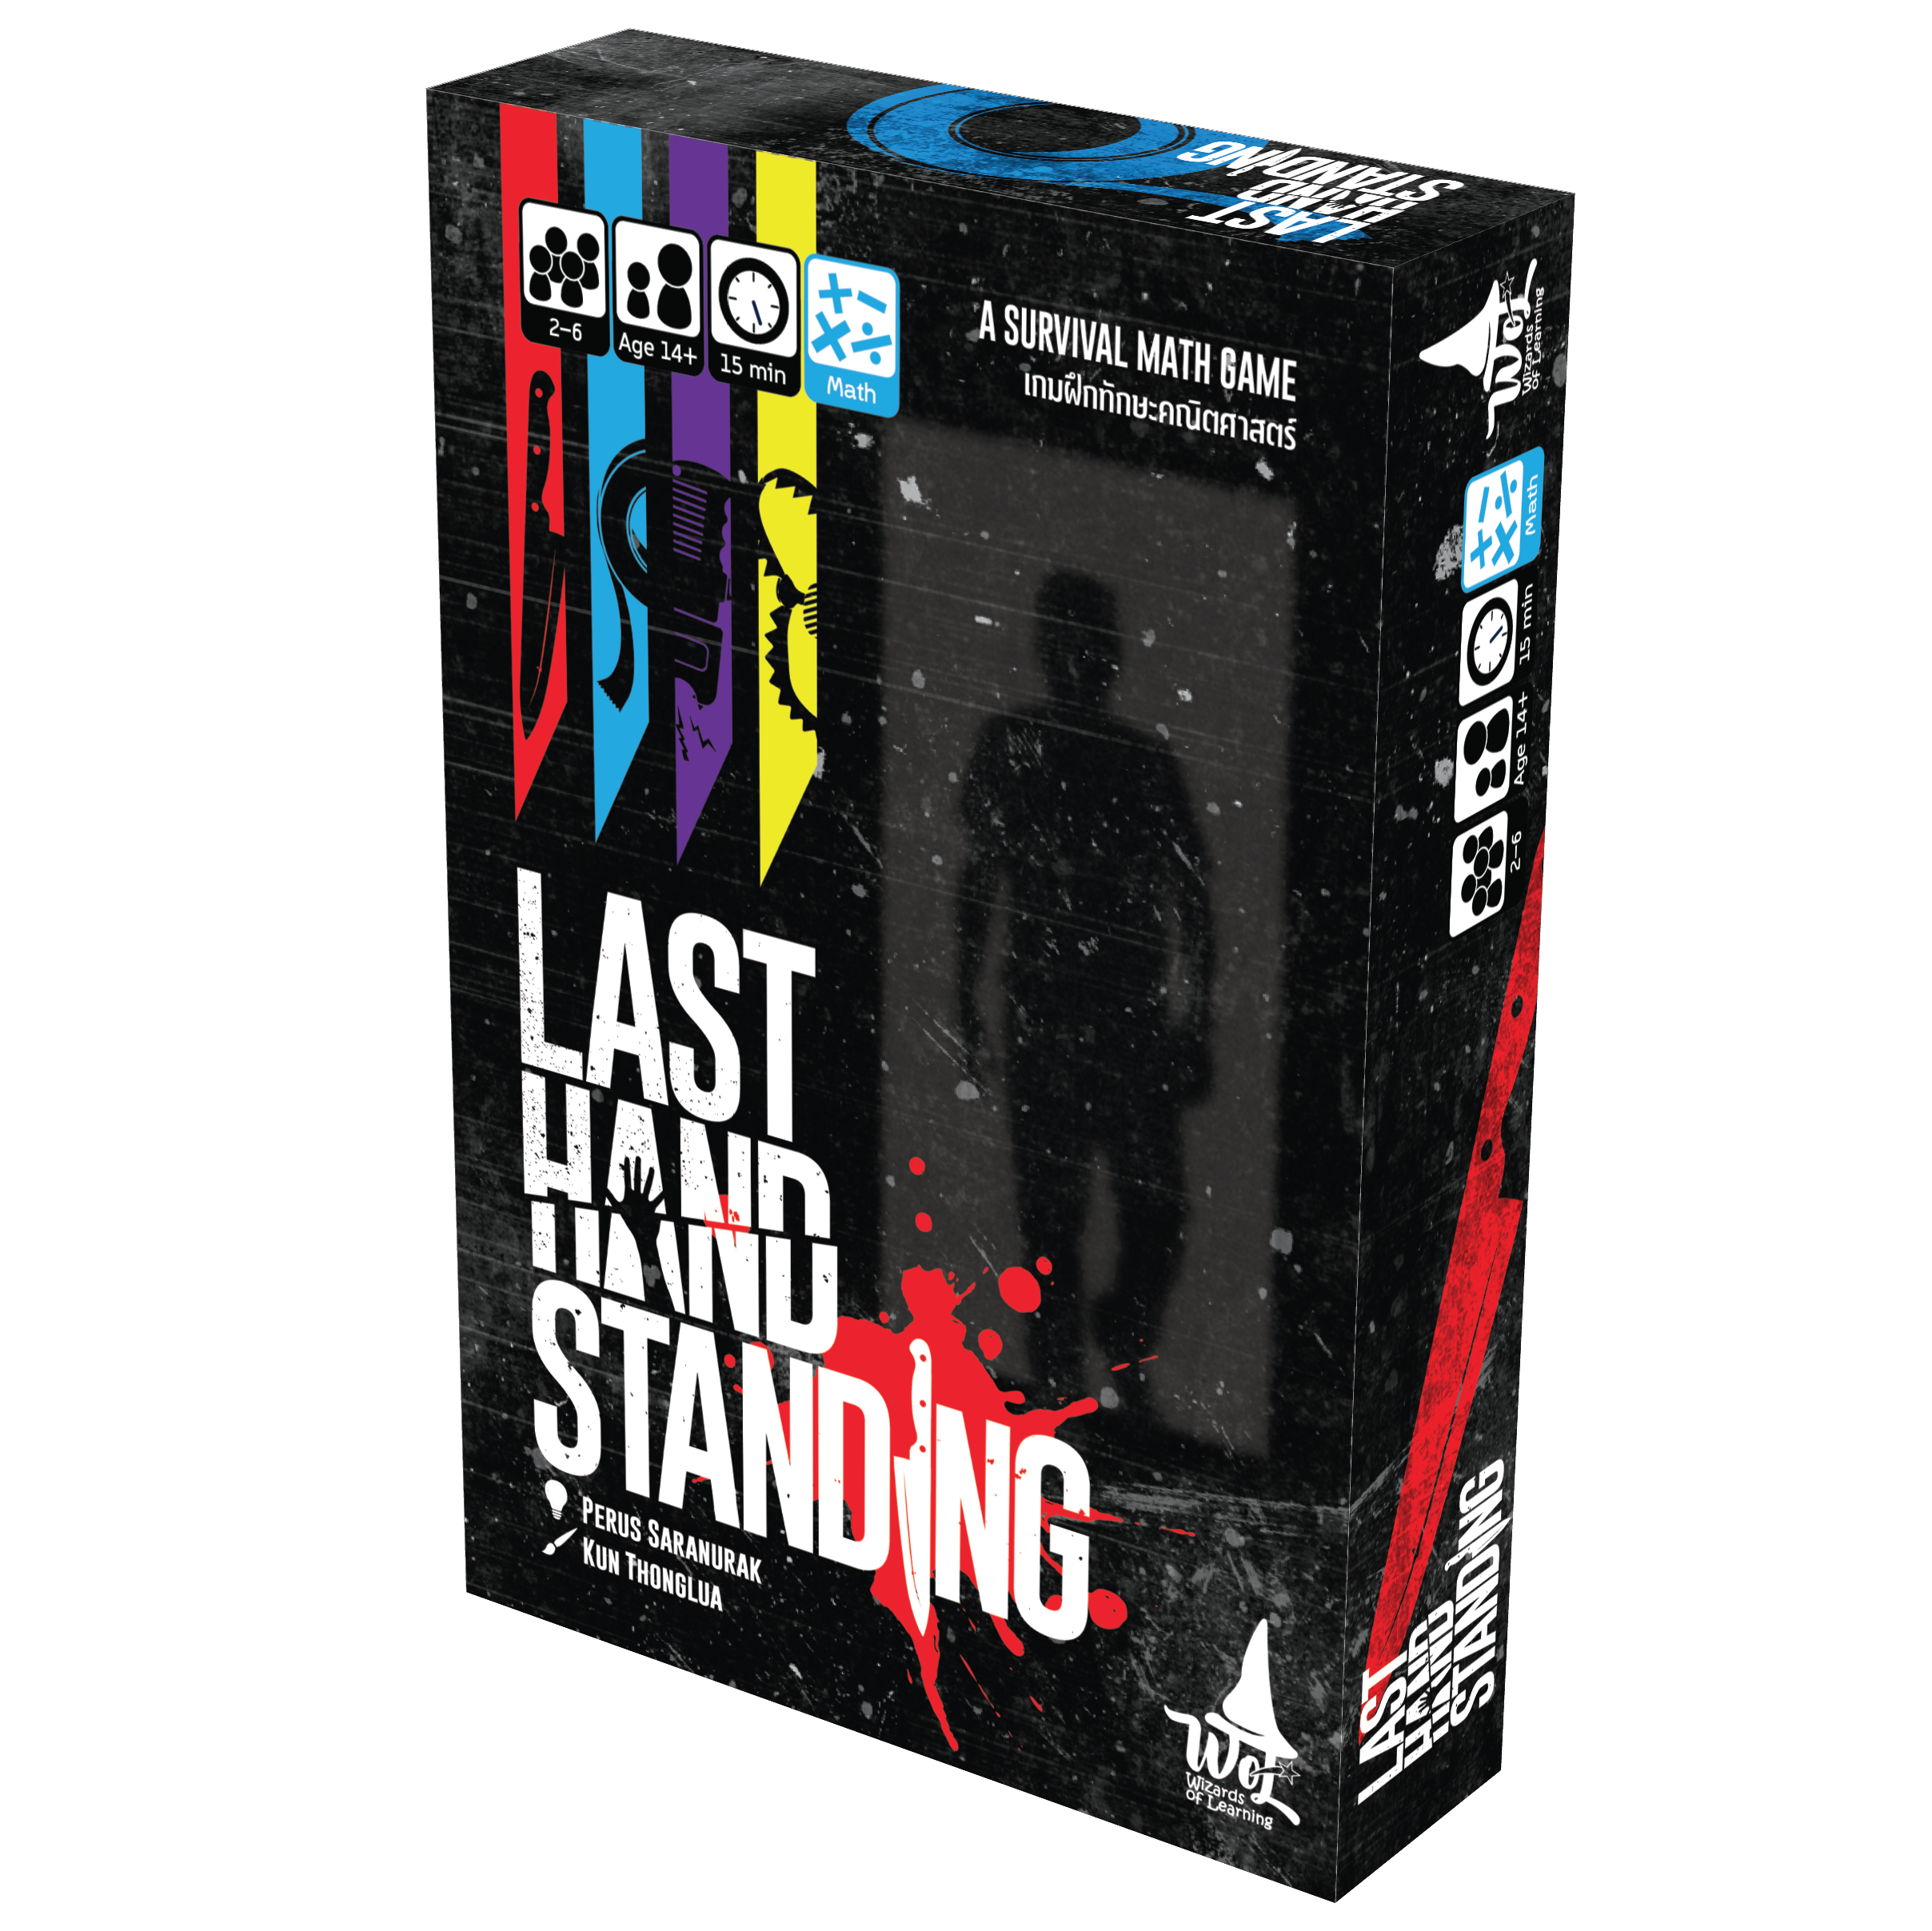 Last Hand Standing